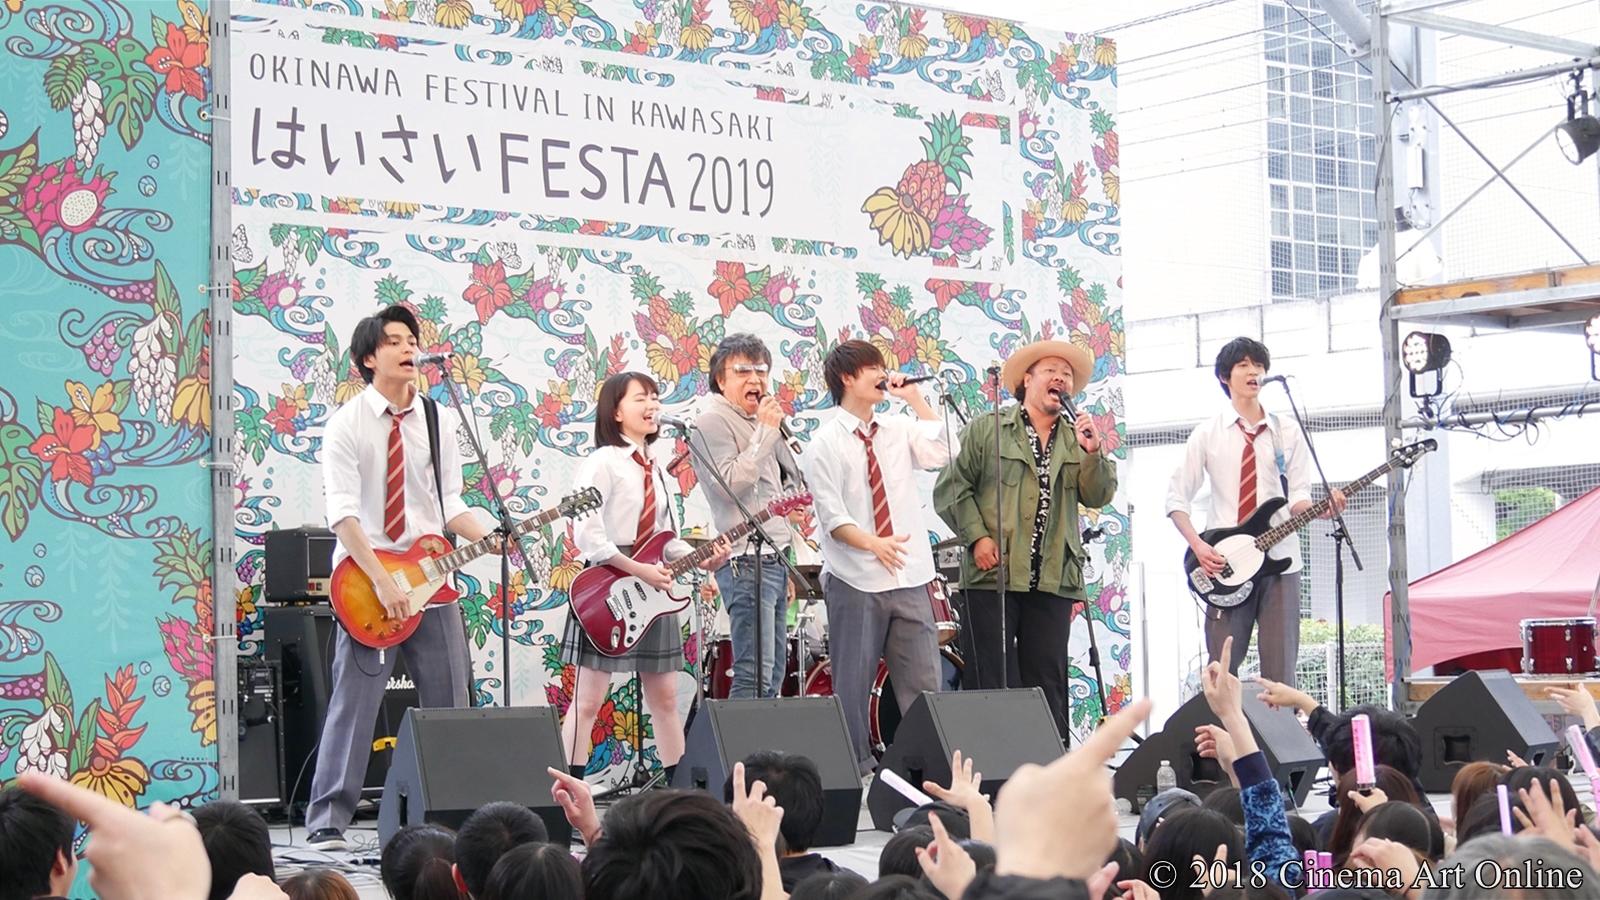 【写真】小さな恋のうたバンド × MONGOL800 上江洲清作 & 世良公則